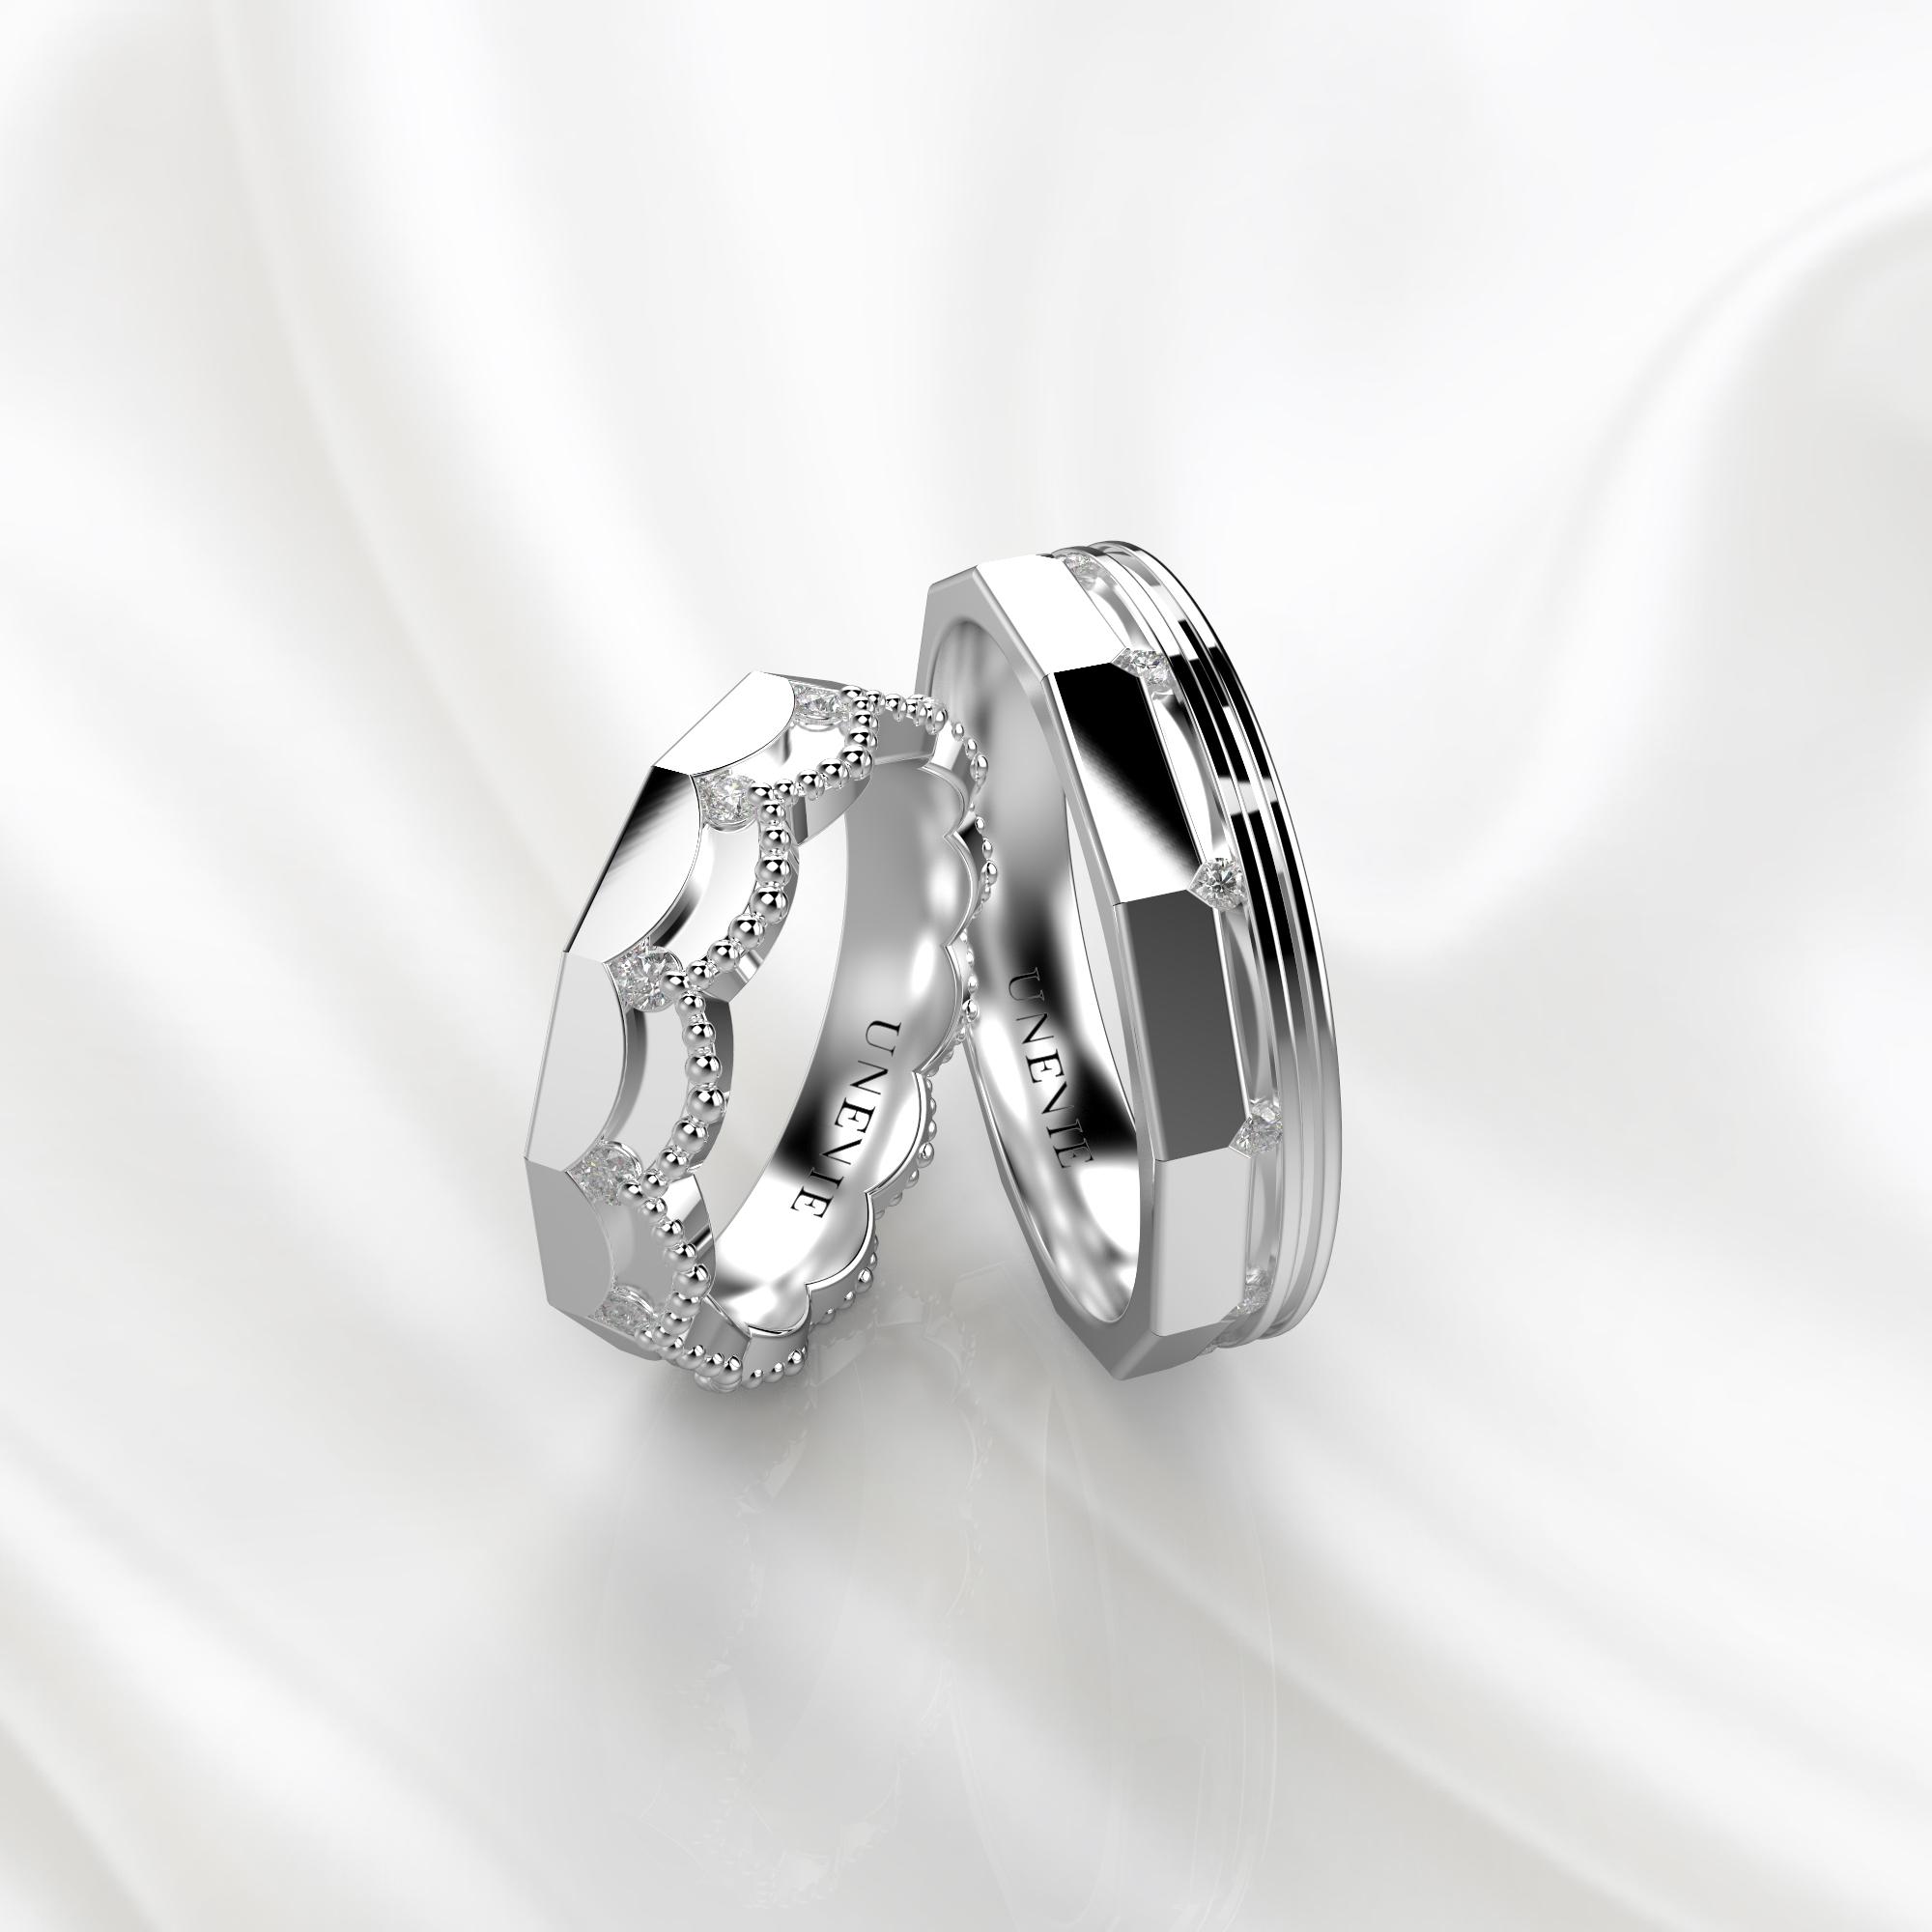 NV45 Парные обручальные кольца из белого золота с бриллиантами